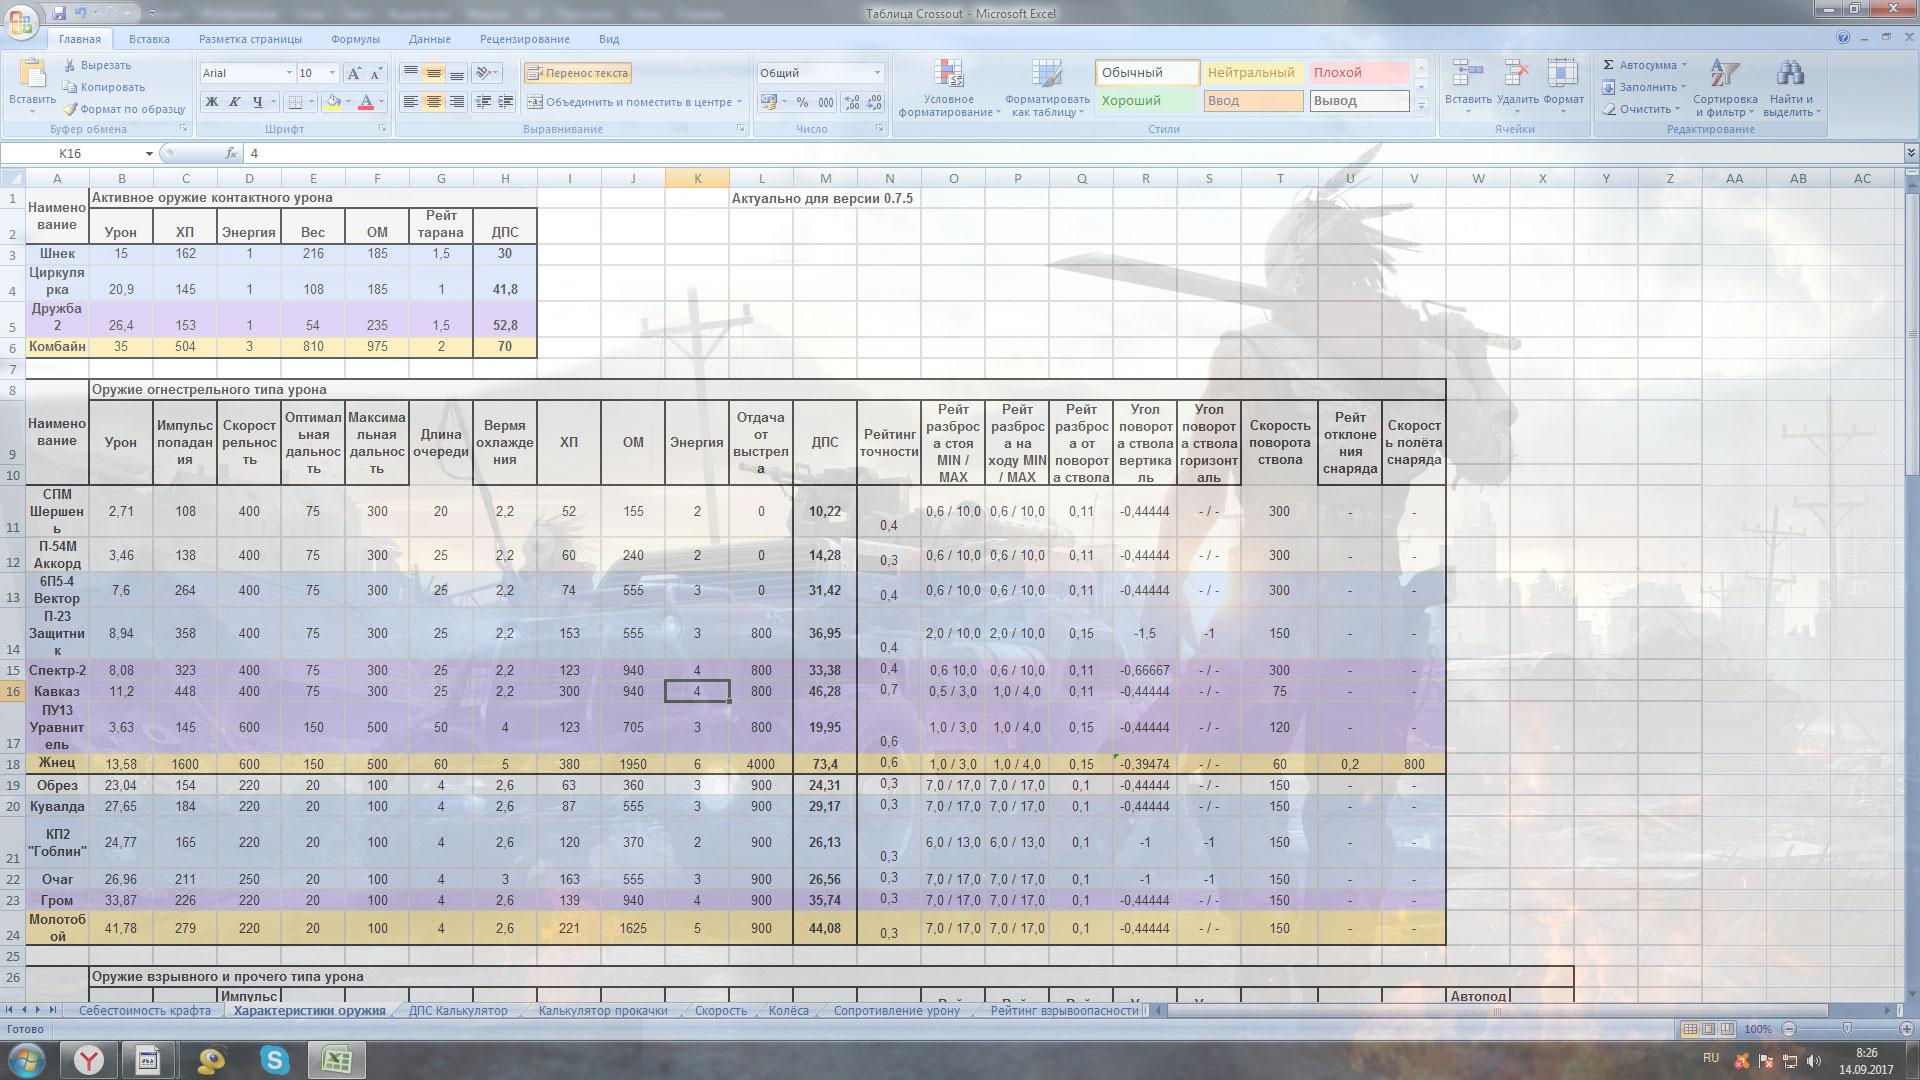 Таблица Crossout для версии 0.7.5